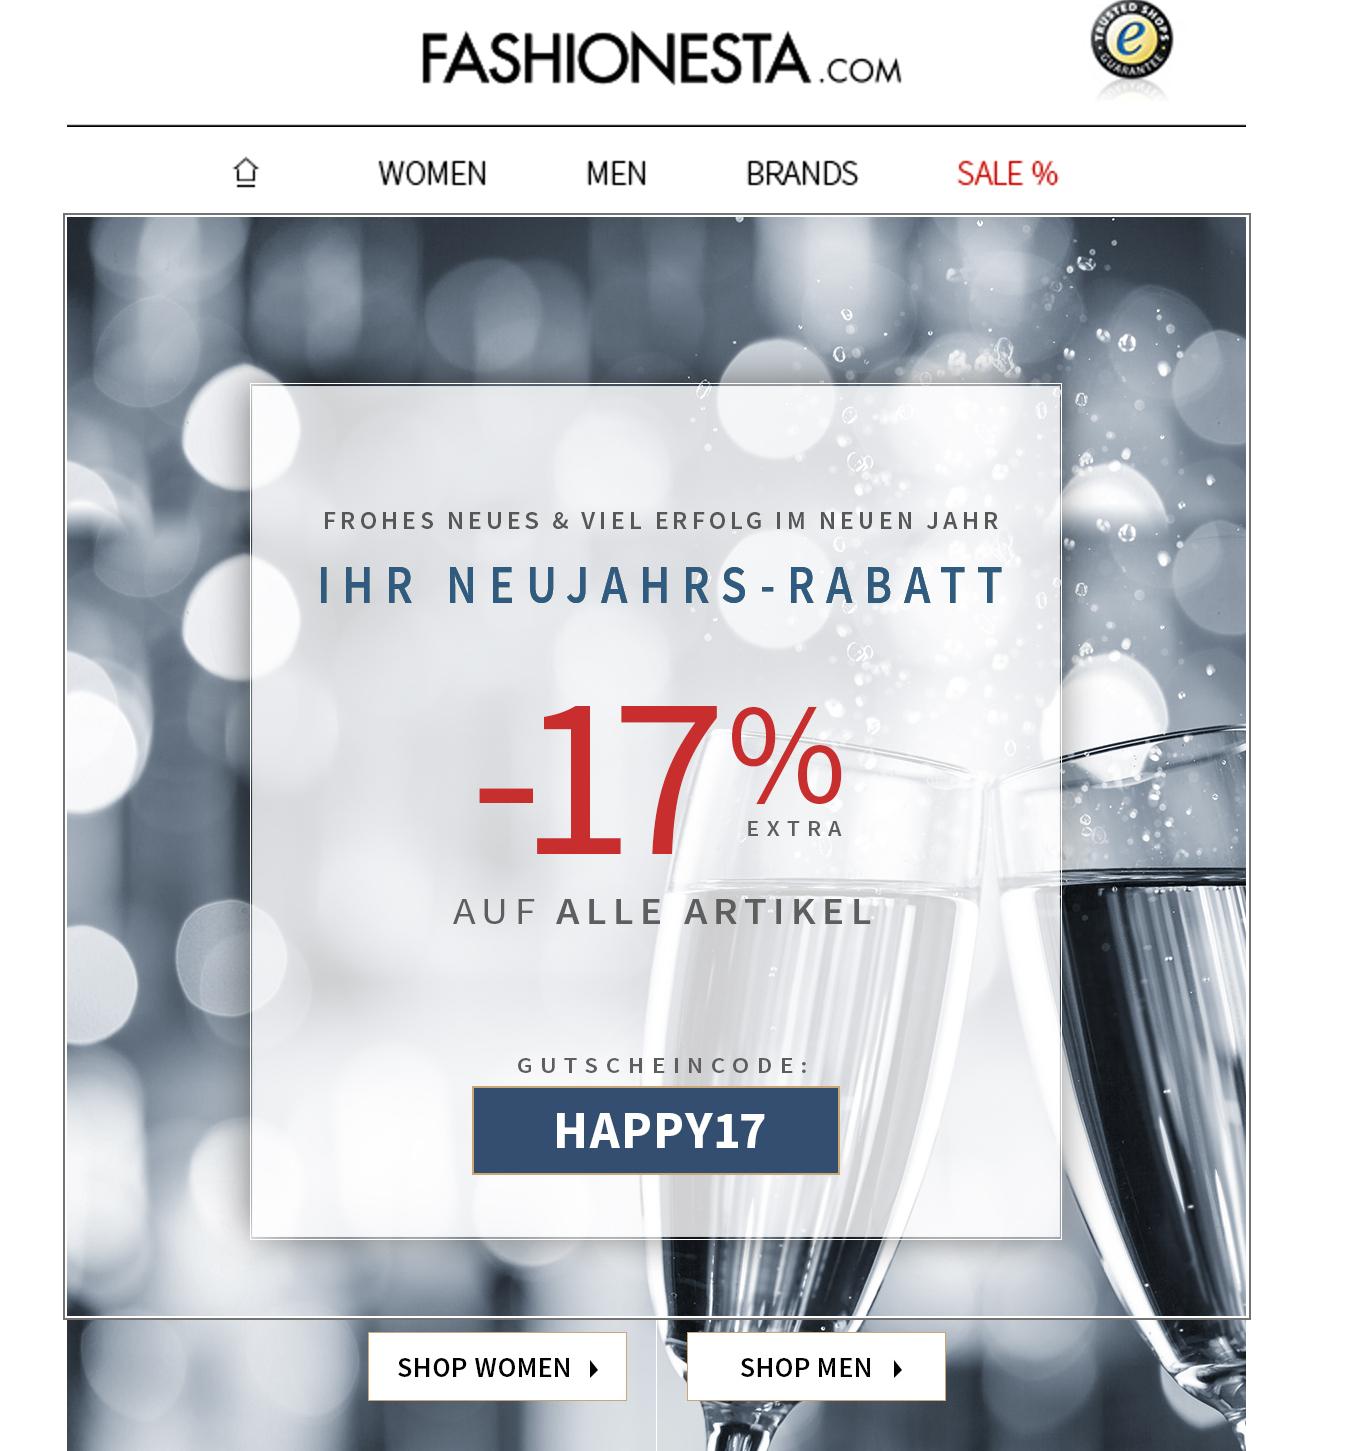 Bei FASHIONESTA gibt es heute noch 17% auf alle Artikel | Kein MBW